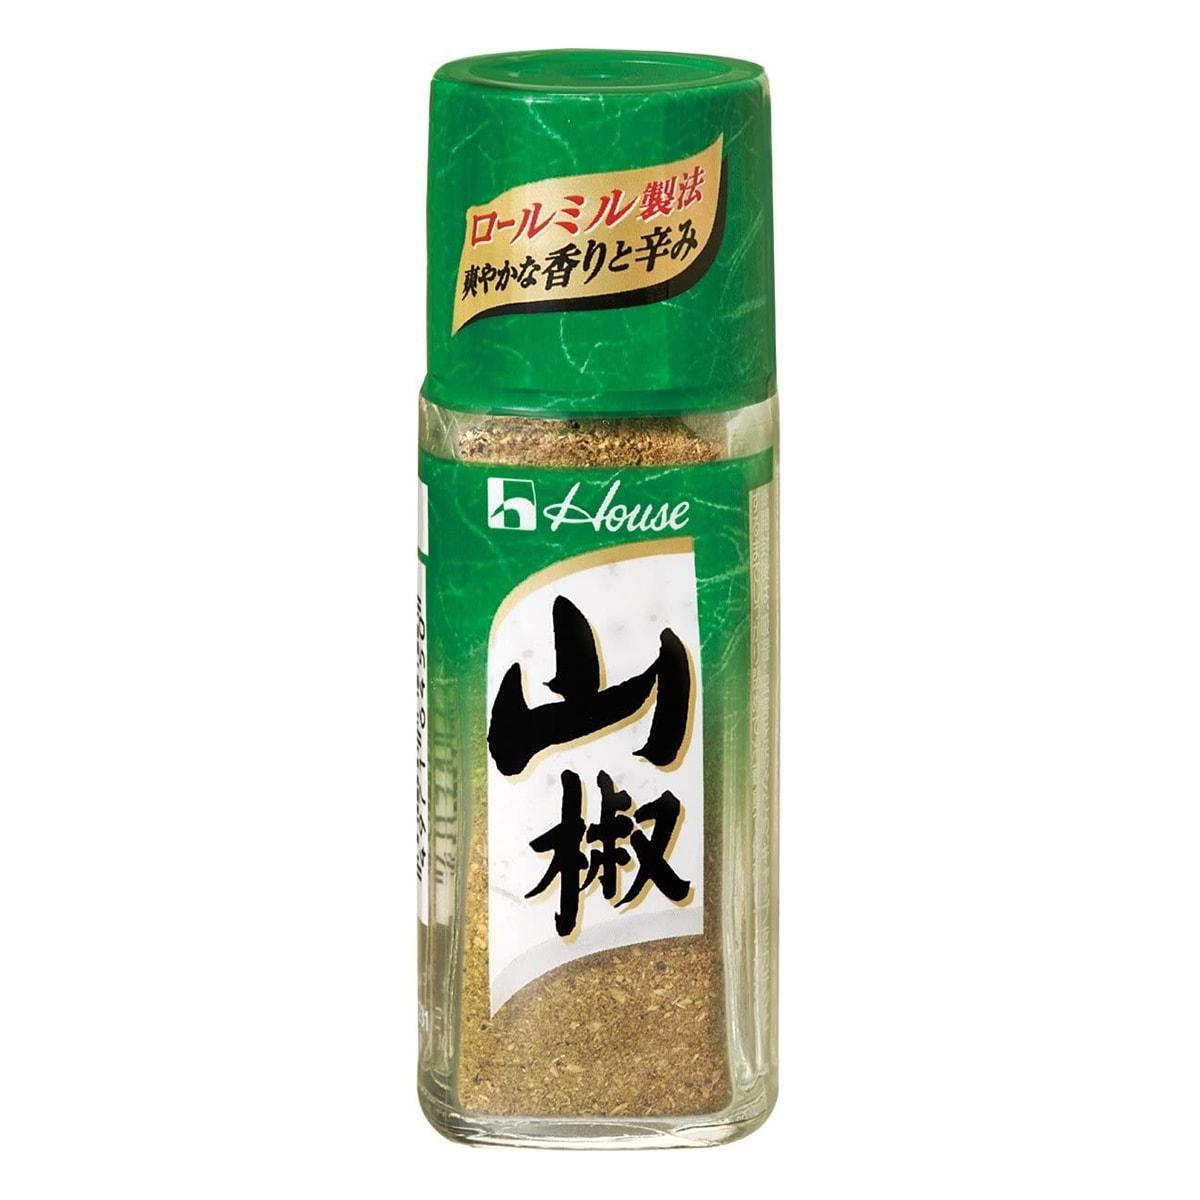 Buy House Foods Sansho Pepper - 12 gm